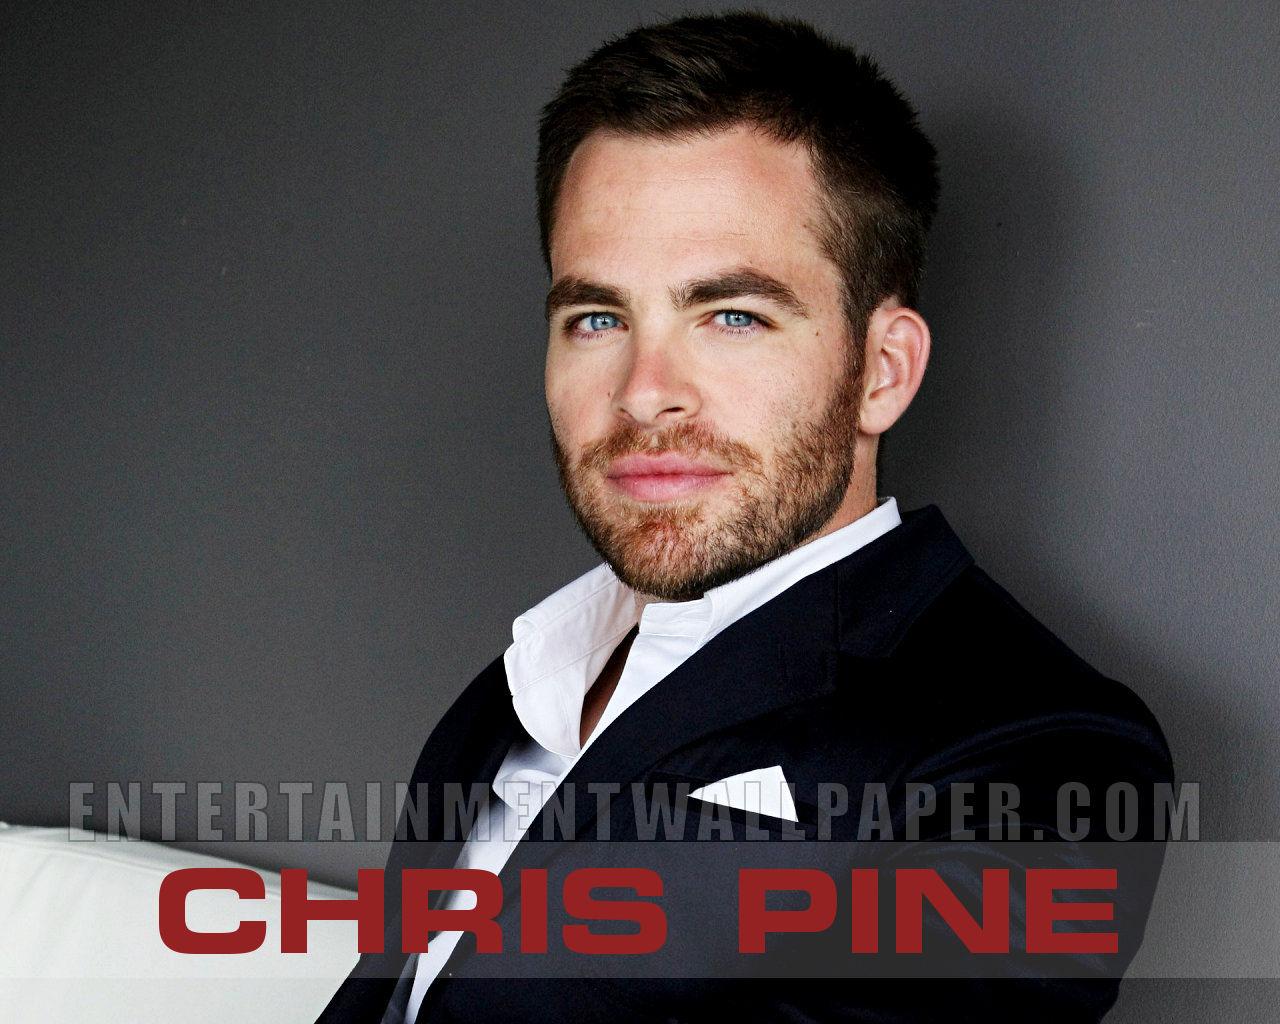 http://3.bp.blogspot.com/-IEl5vWrRMks/TzKek8OTglI/AAAAAAAABy0/XjJaVgqXKL4/s1600/chris-pine-wallpaper-hd-6-759509.jpg